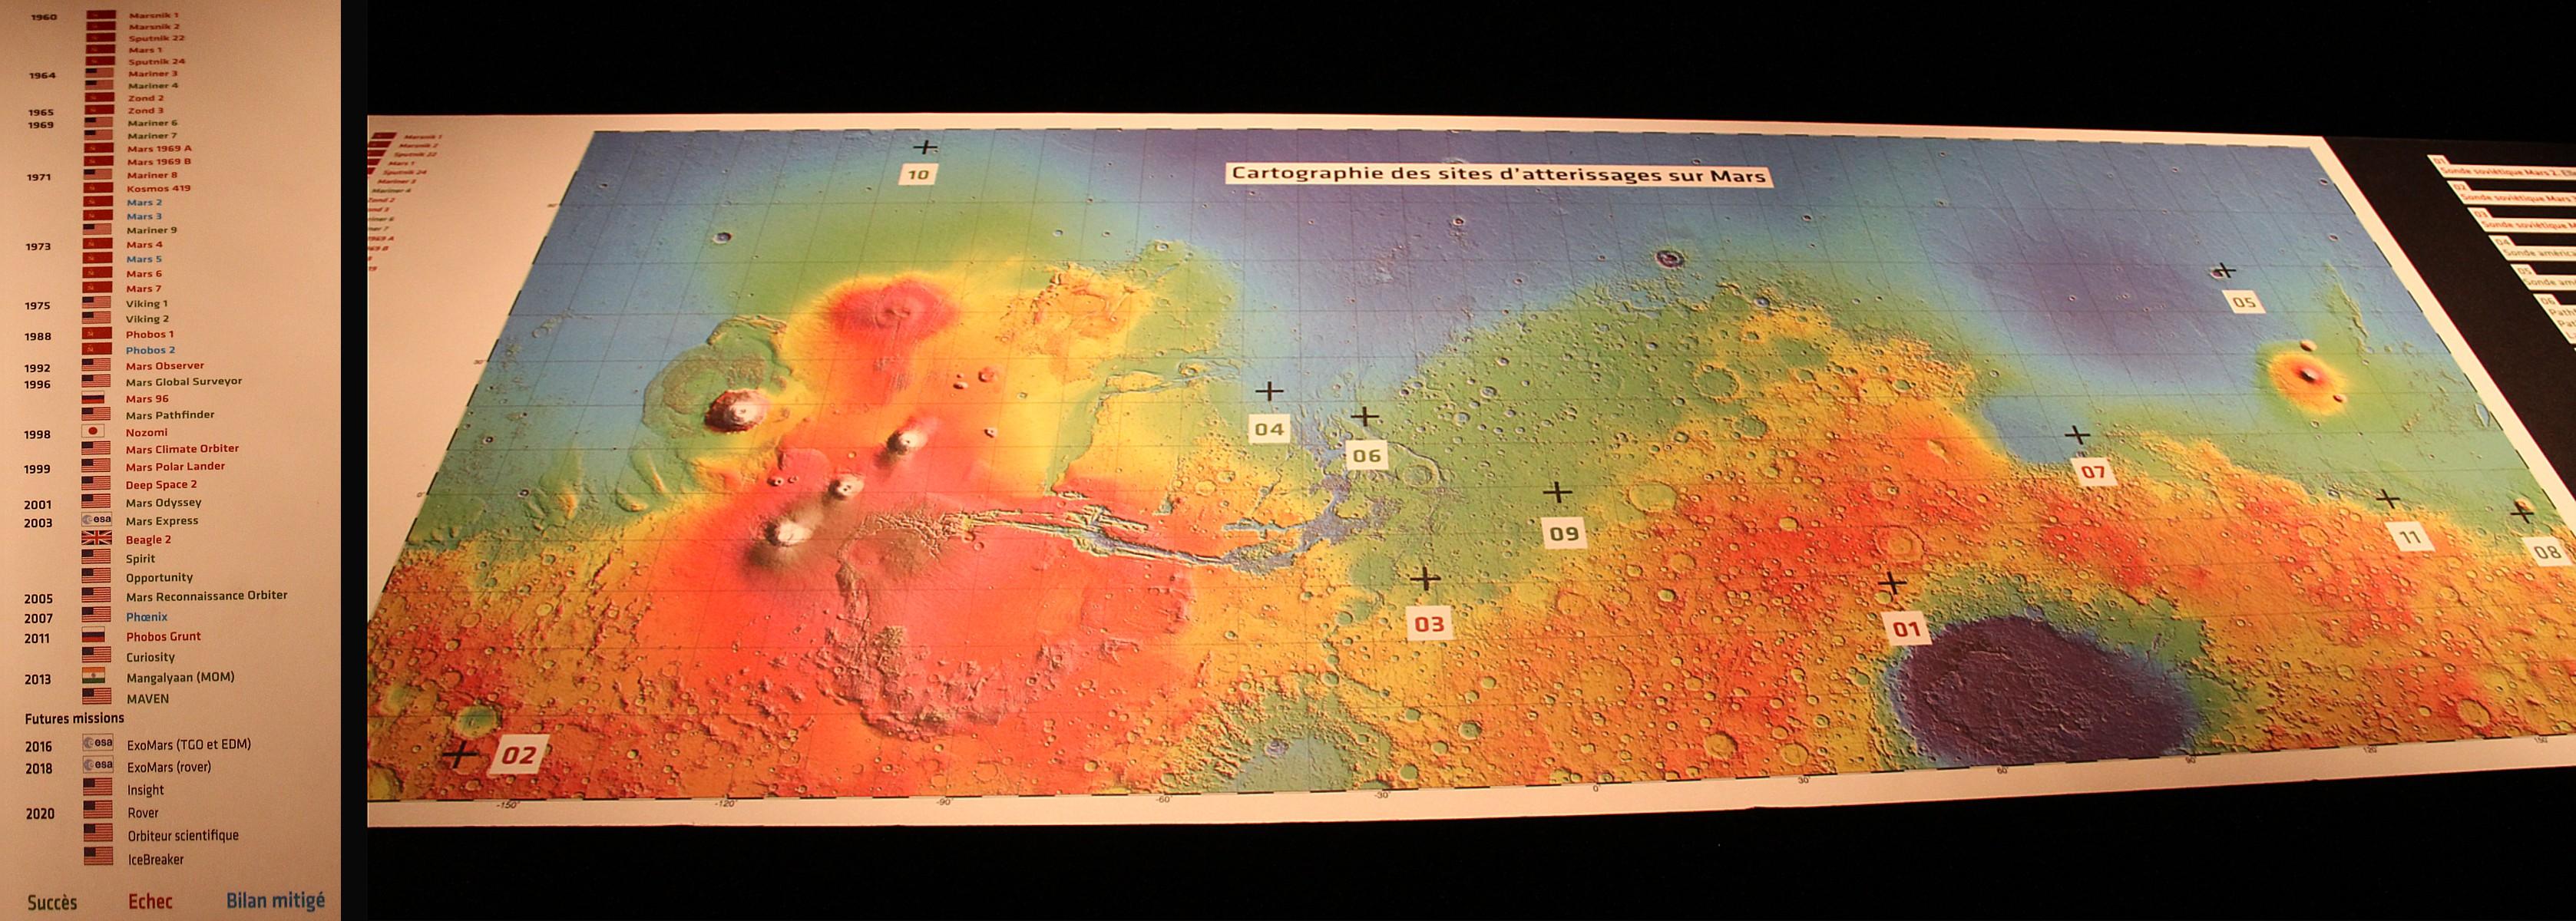 16 02 18 - 16h 03m 40s - Explorez Mars Palais de la Découverte montage